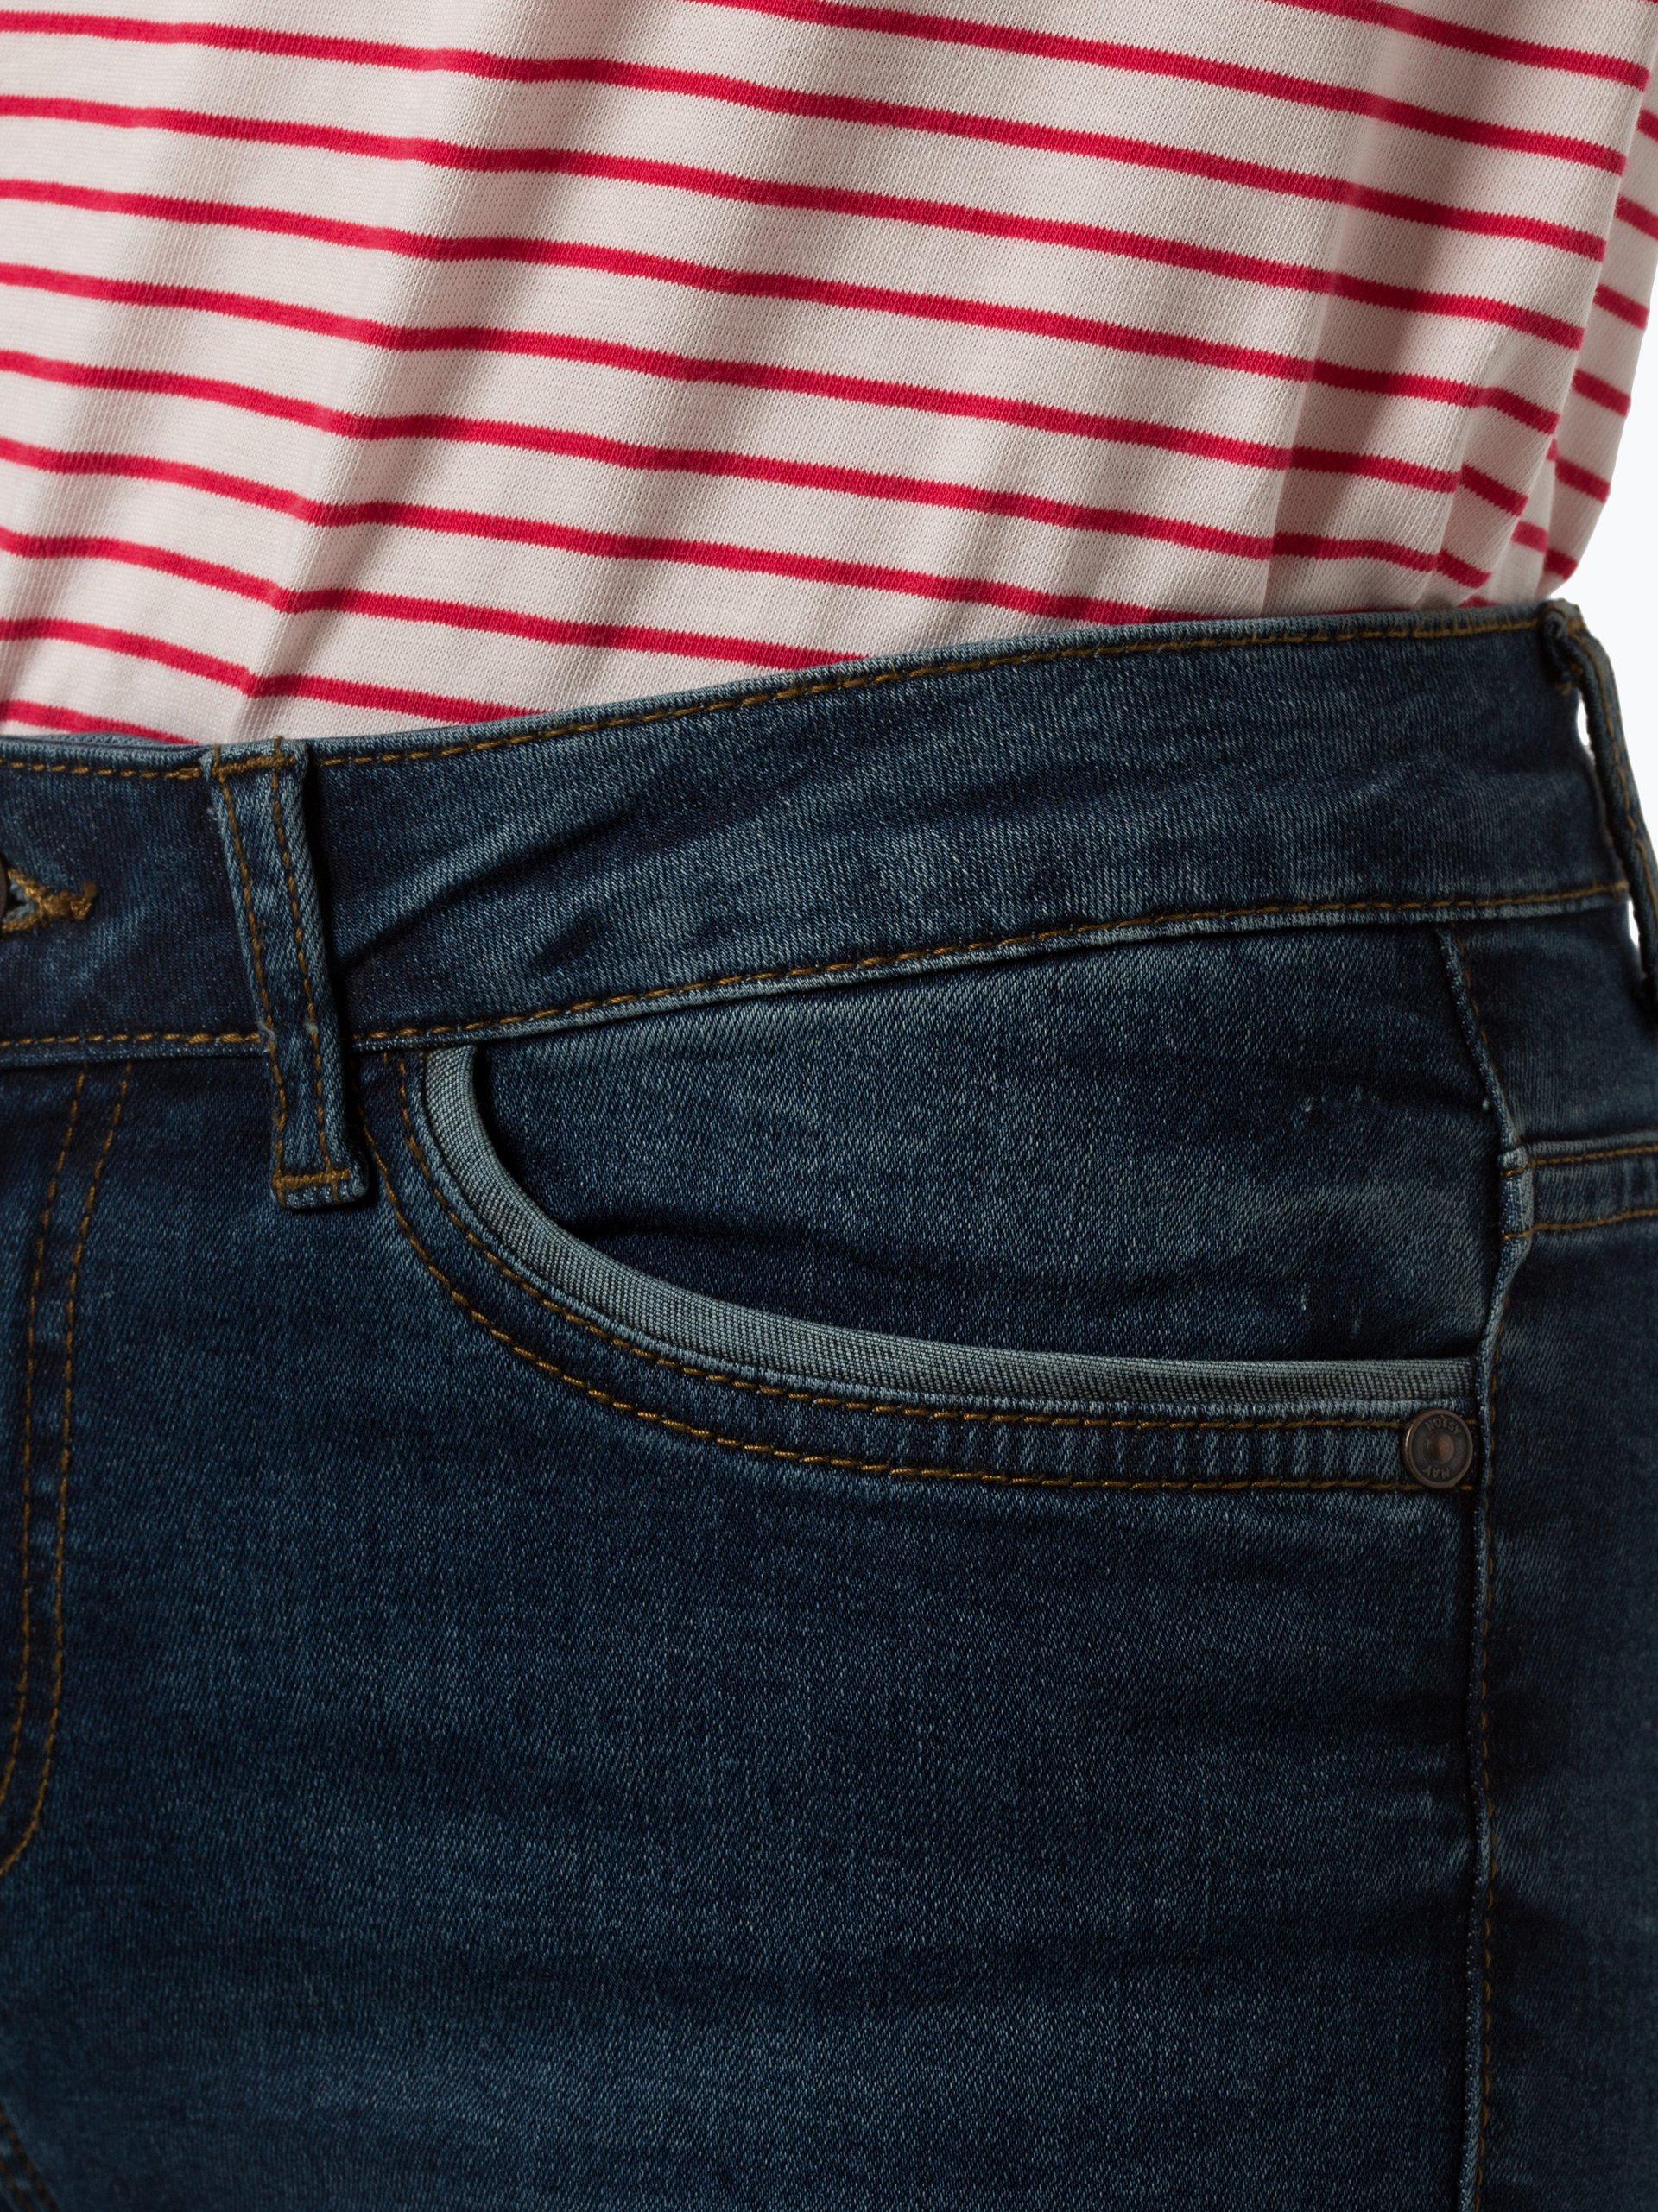 Noisy May Damen Jeans - Lucy